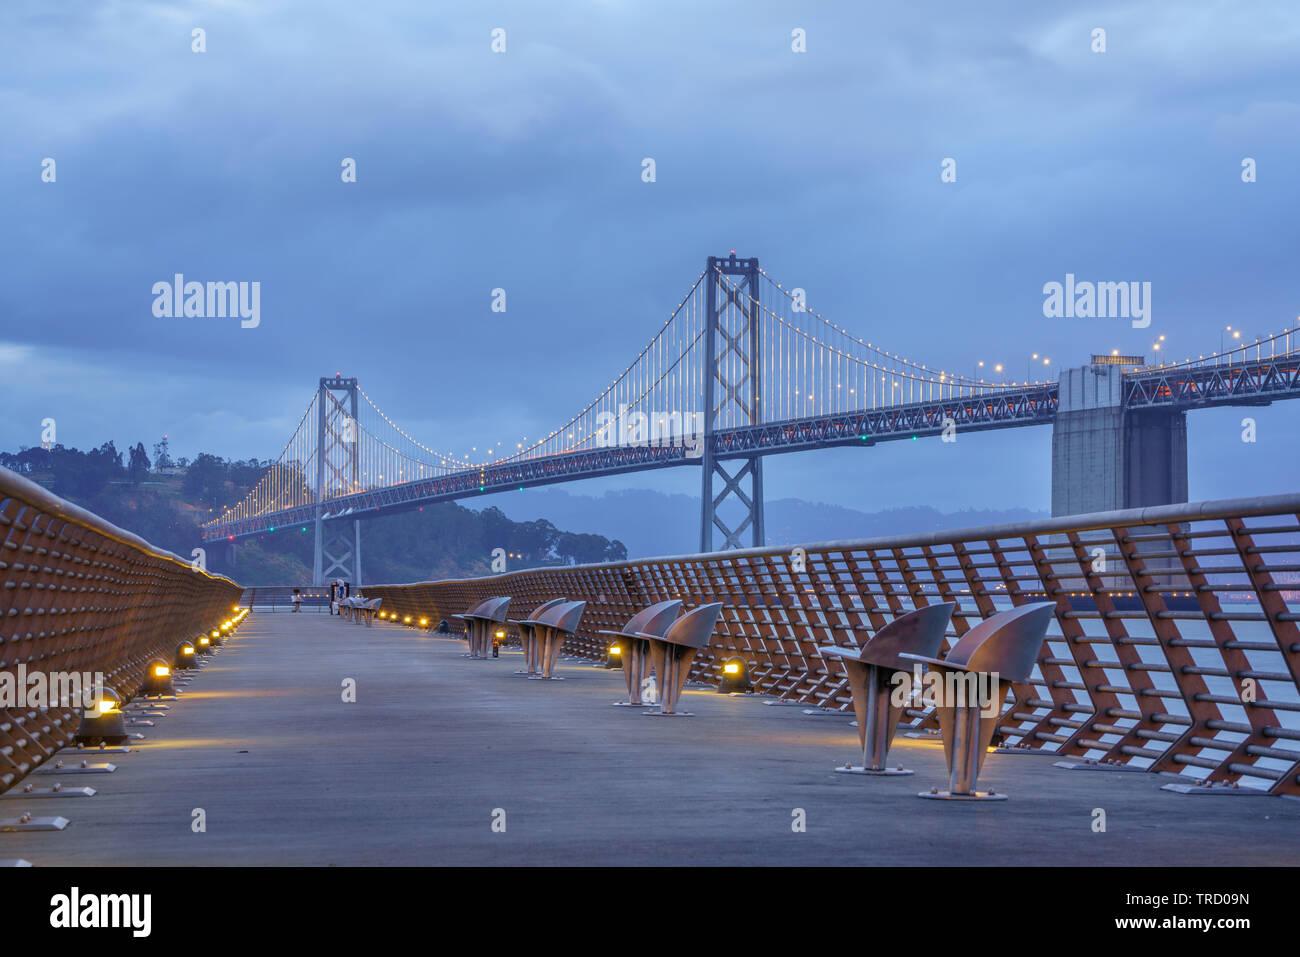 Bay Bridge ist in Kalifornien, USA, und verbindet San Francisco und Oakland. Die Fertigstellung im Jahr 1936 und ist eine der wichtigsten Sehenswürdigkeiten von Stockfoto